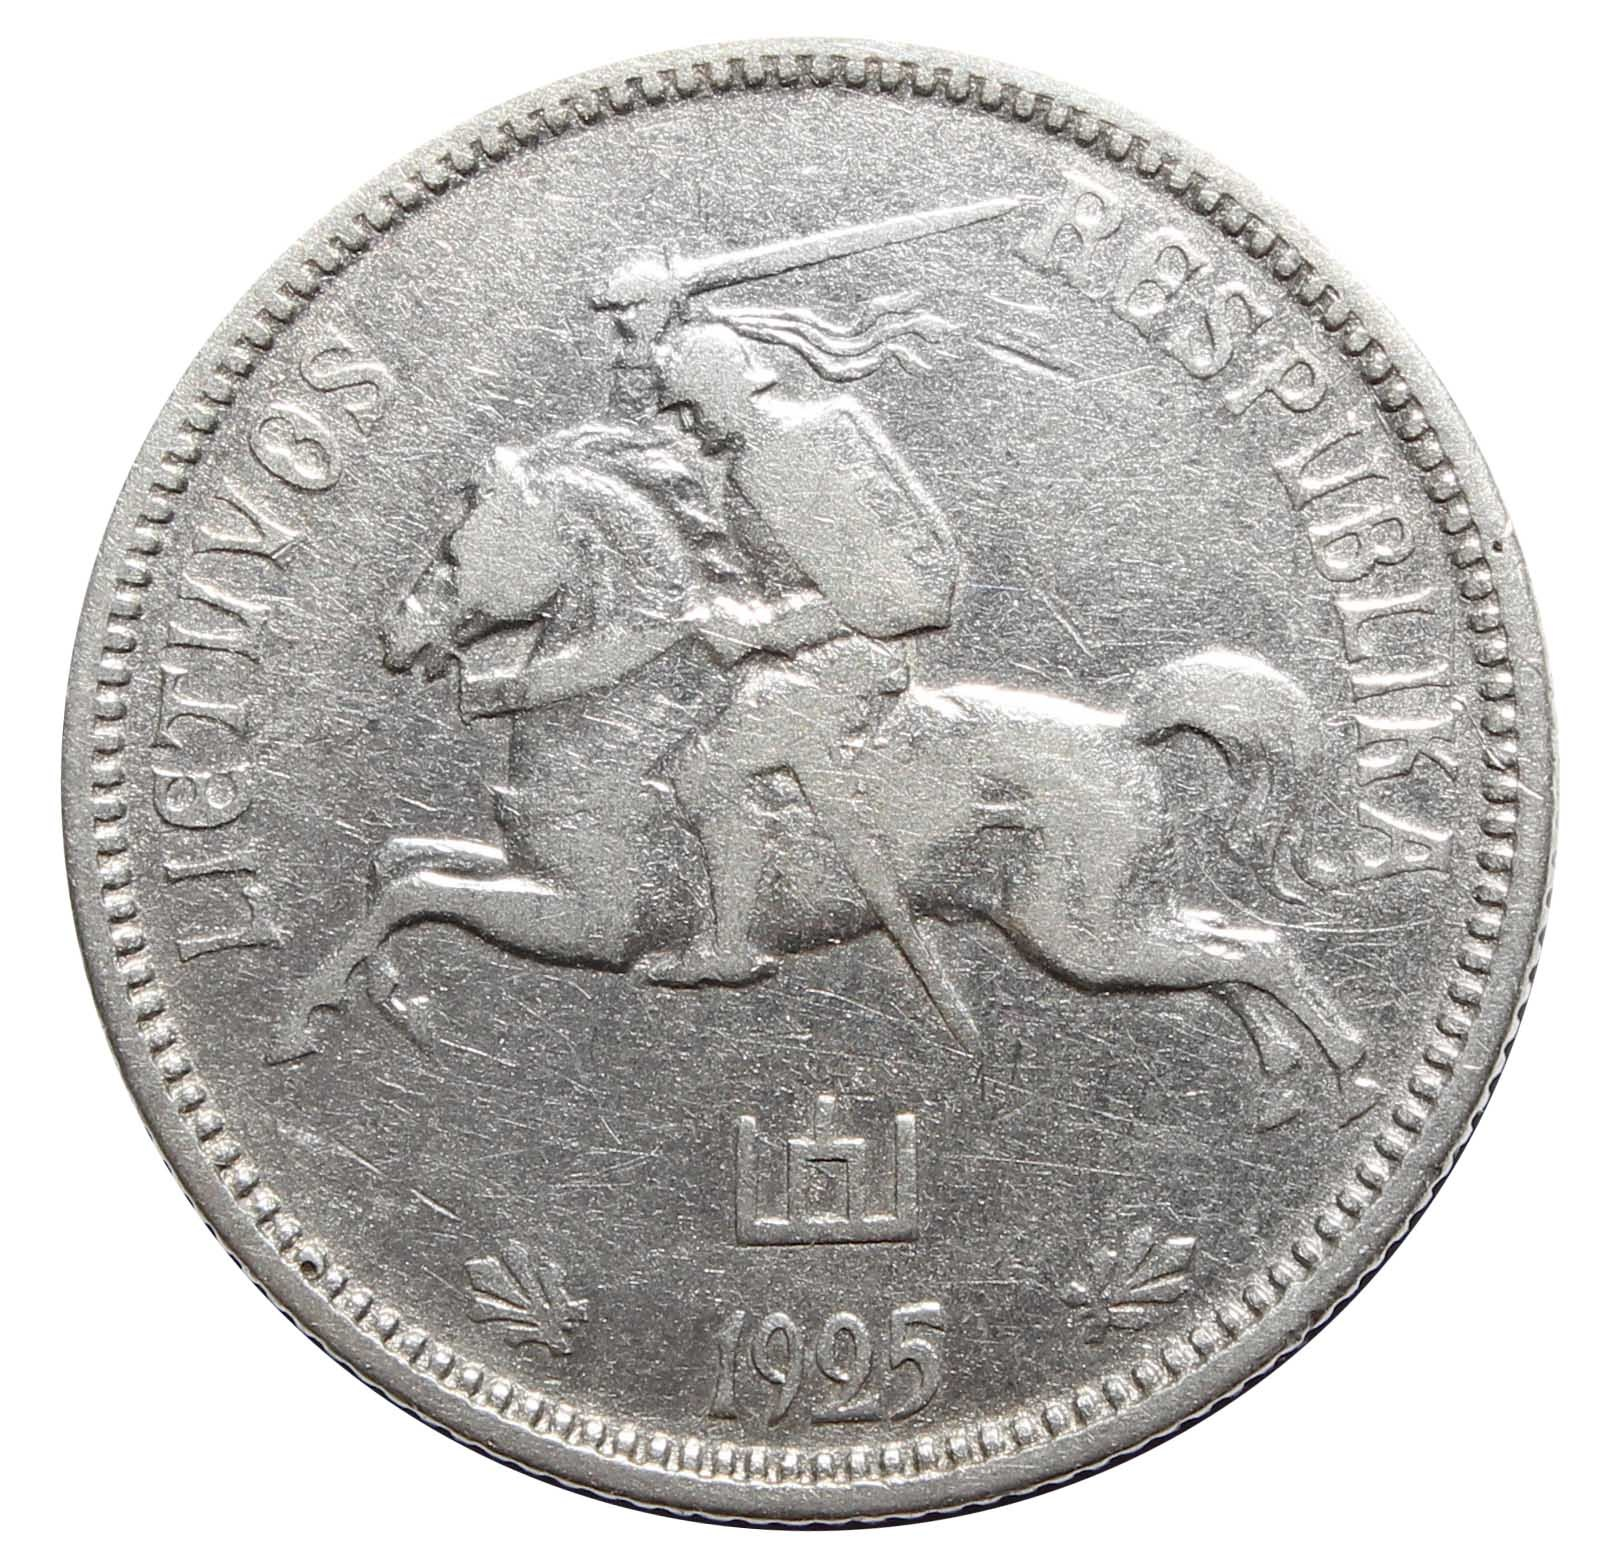 2 лит. Литва. 1925 год. Серебро. F-VF